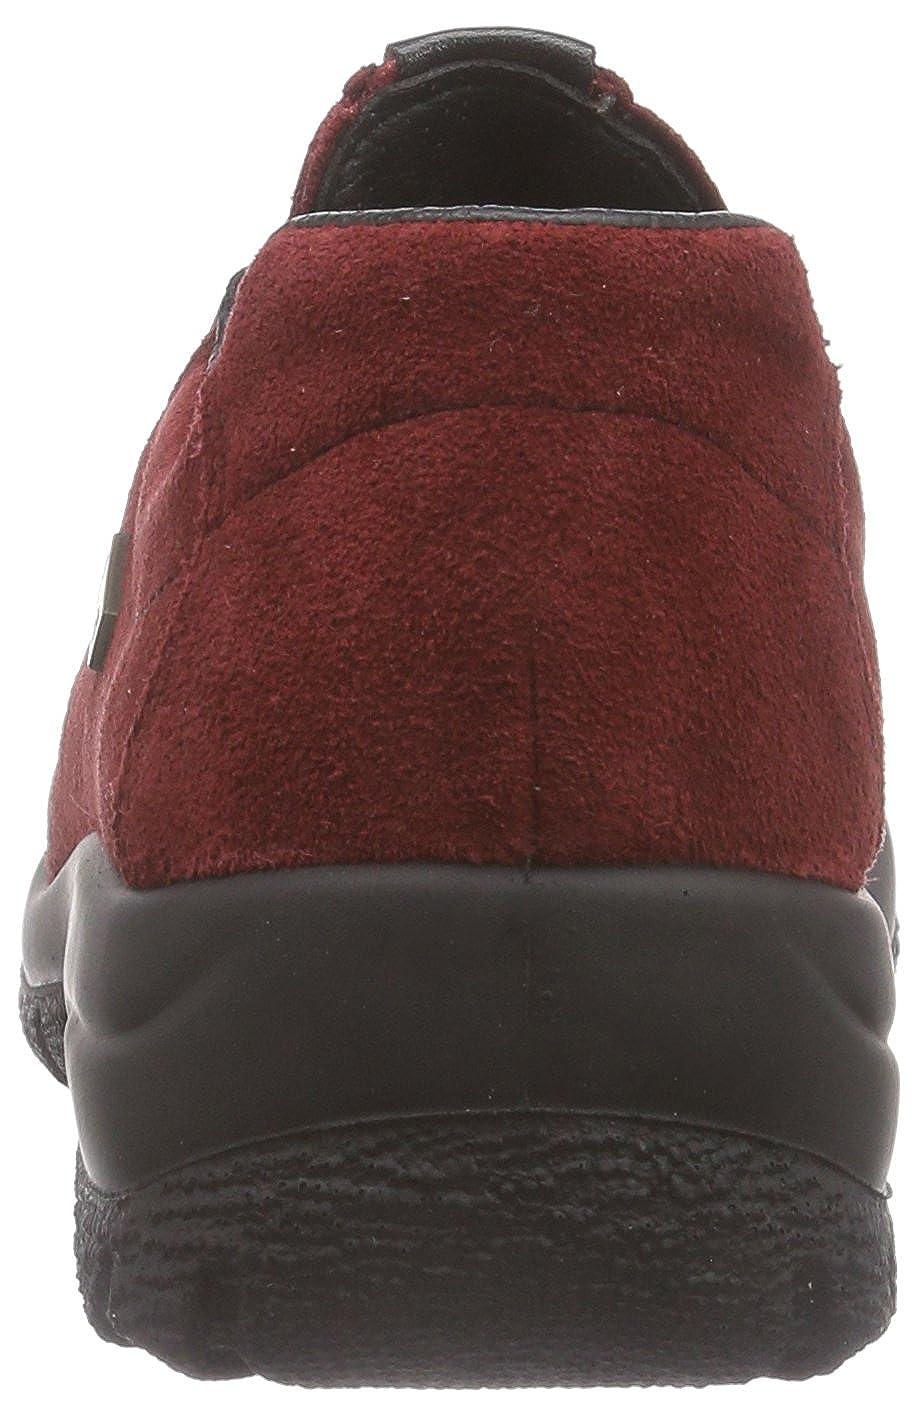 Mr.   Ms. Rieker Rieker Rieker L7171, Mocassini Donna Specifica completa alla moda Temperamento britannico | Per Vincere Elogio Caldo Dai Clienti  e5585a